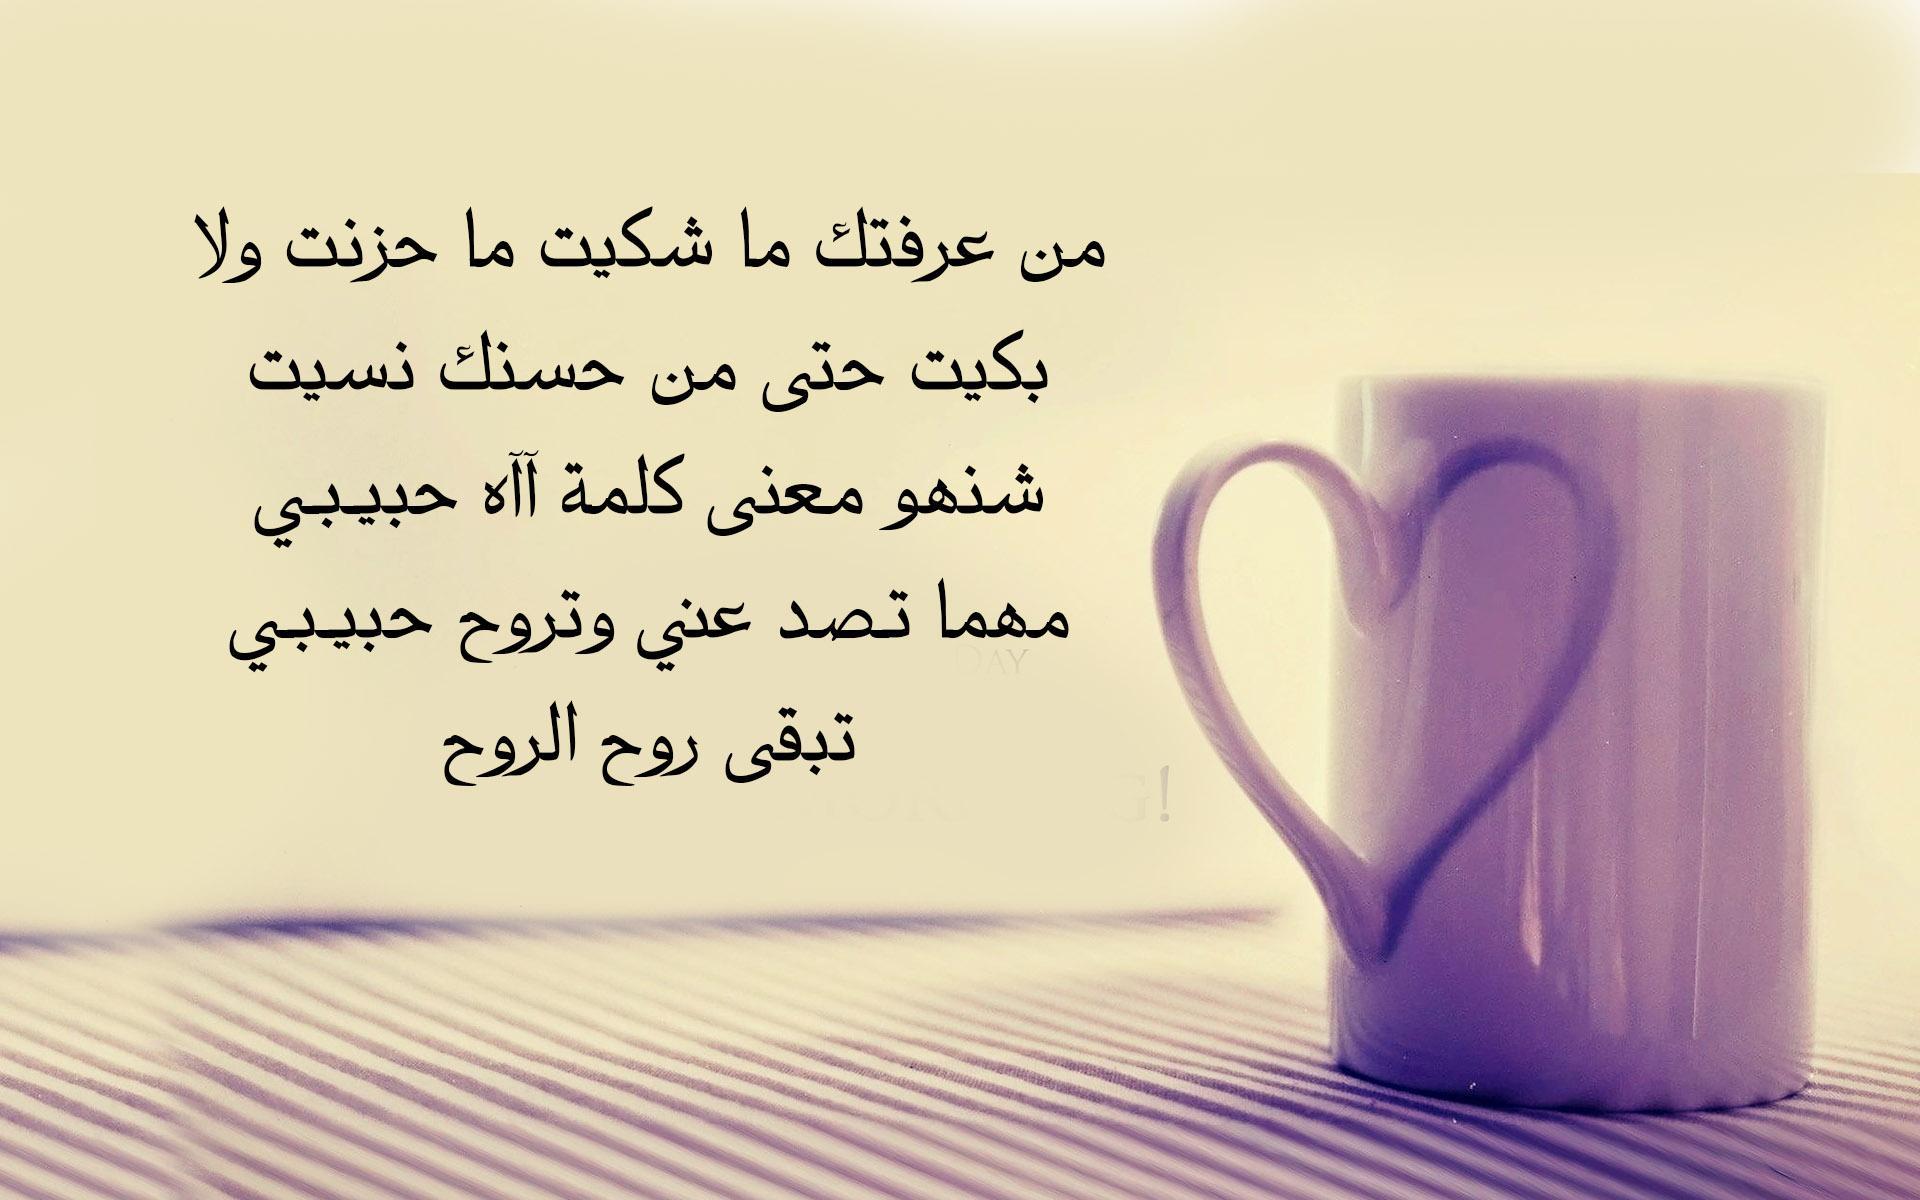 بالصور صور حب و غرام , اجمد صور حب وغرام 3321 3